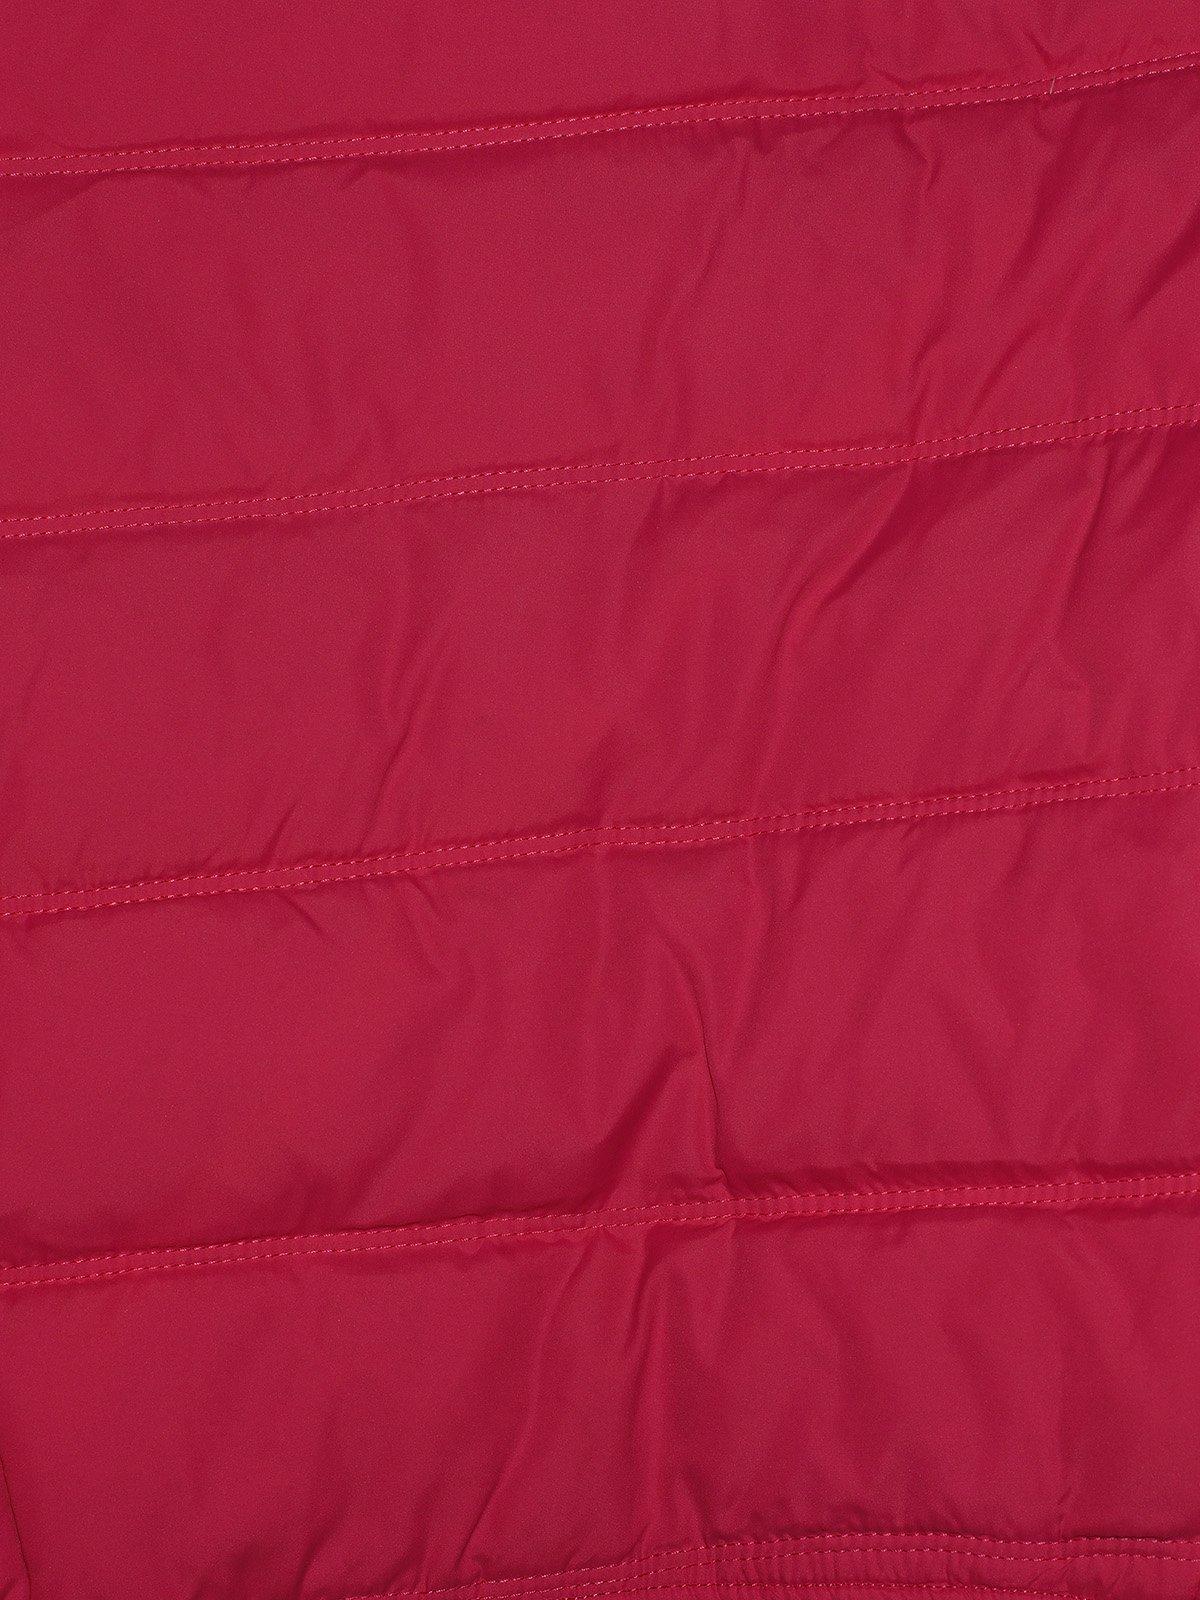 Пуховик розовый   2837987   фото 6